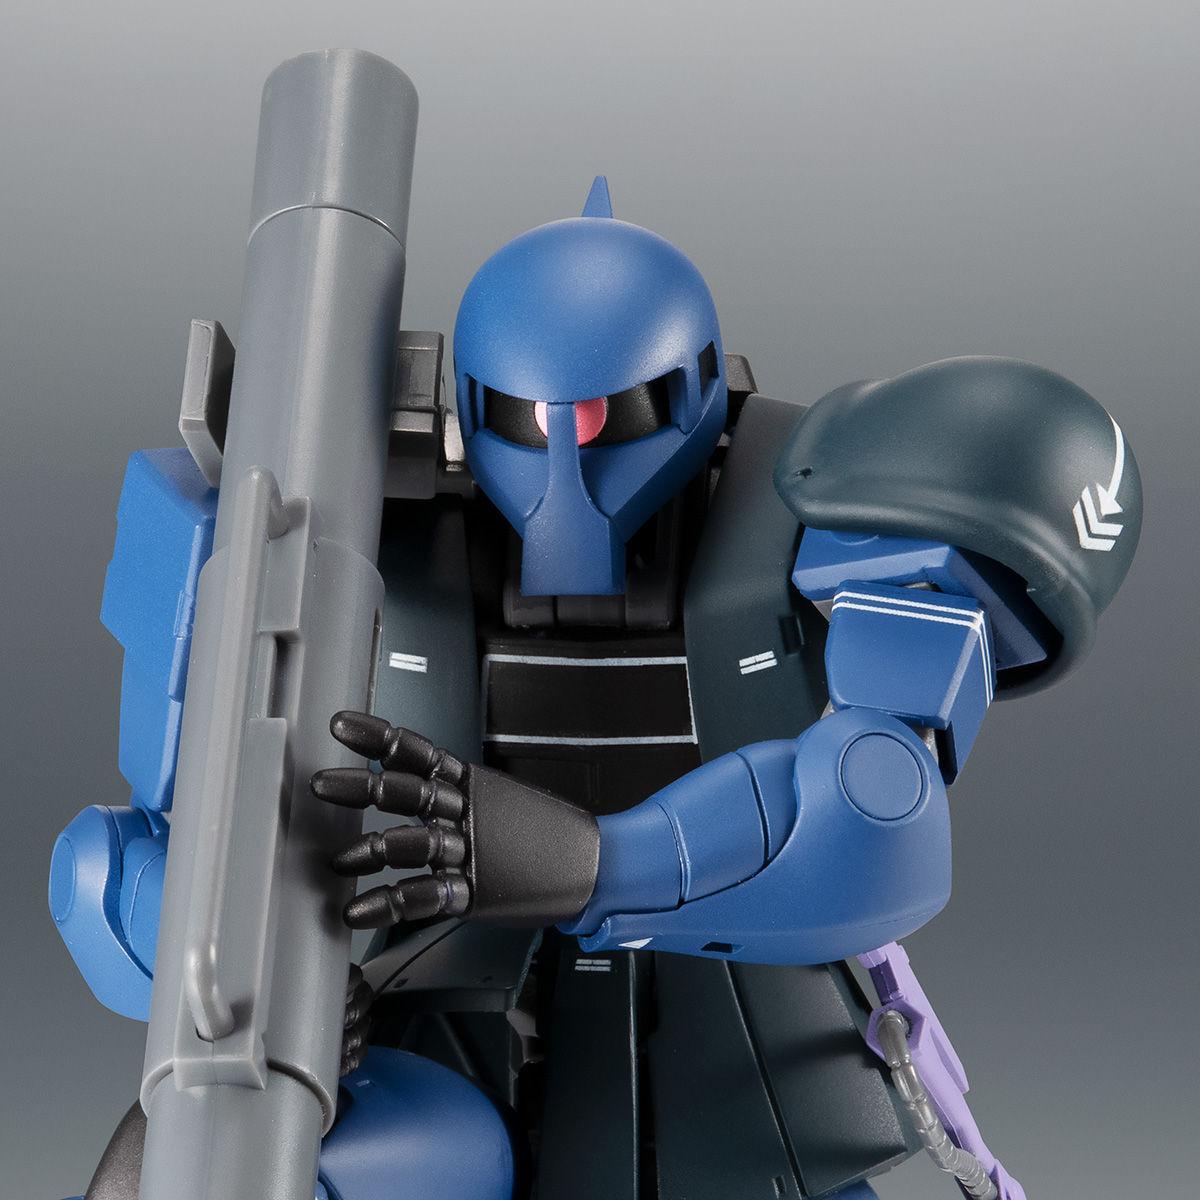 【限定販売】ROBOT魂〈SIDE MS〉『MS-05B 旧ザク ver. A.N.I.M.E. ~黒い三連星~』ガンダム 可動フィギュア-001